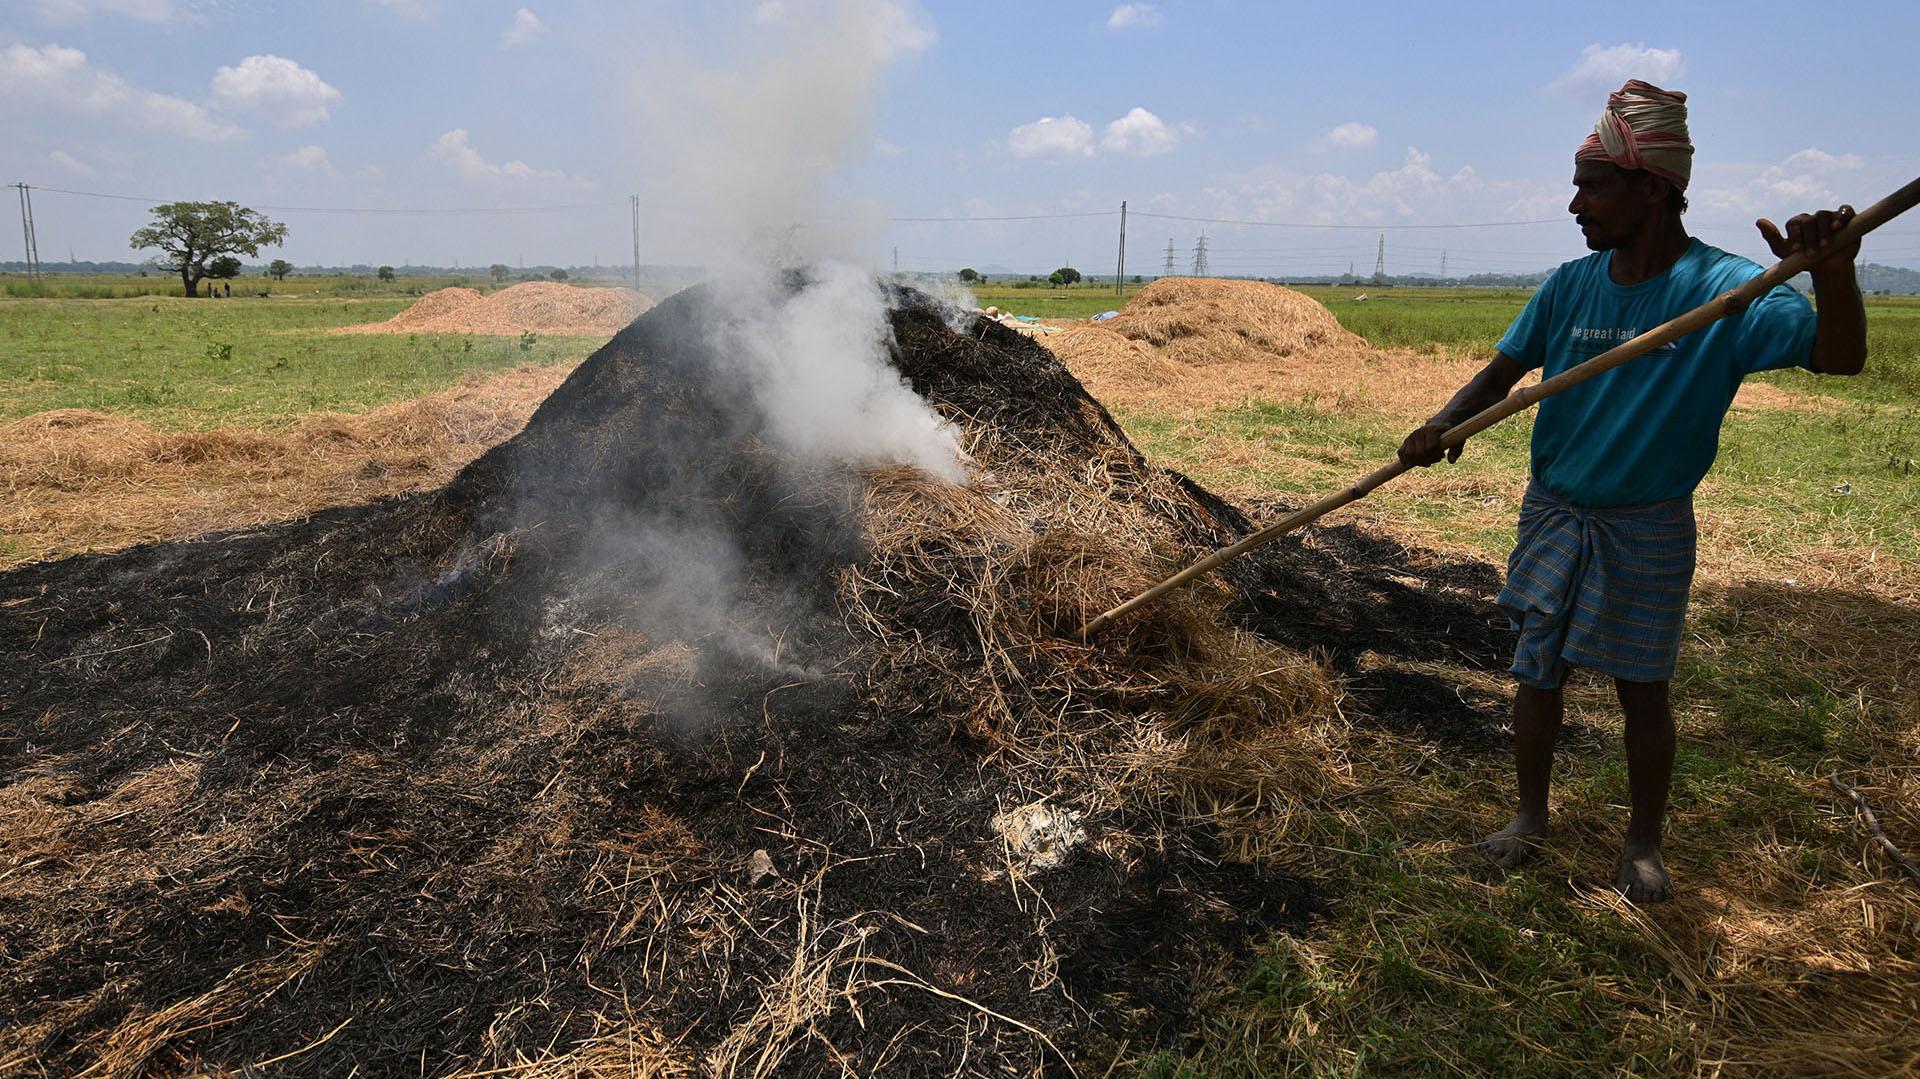 Un trabajador rural quema basura en un campo en la ciudad de Mayongen el noreste de Assam, India(REUTERS/Anuwar Hazarika)